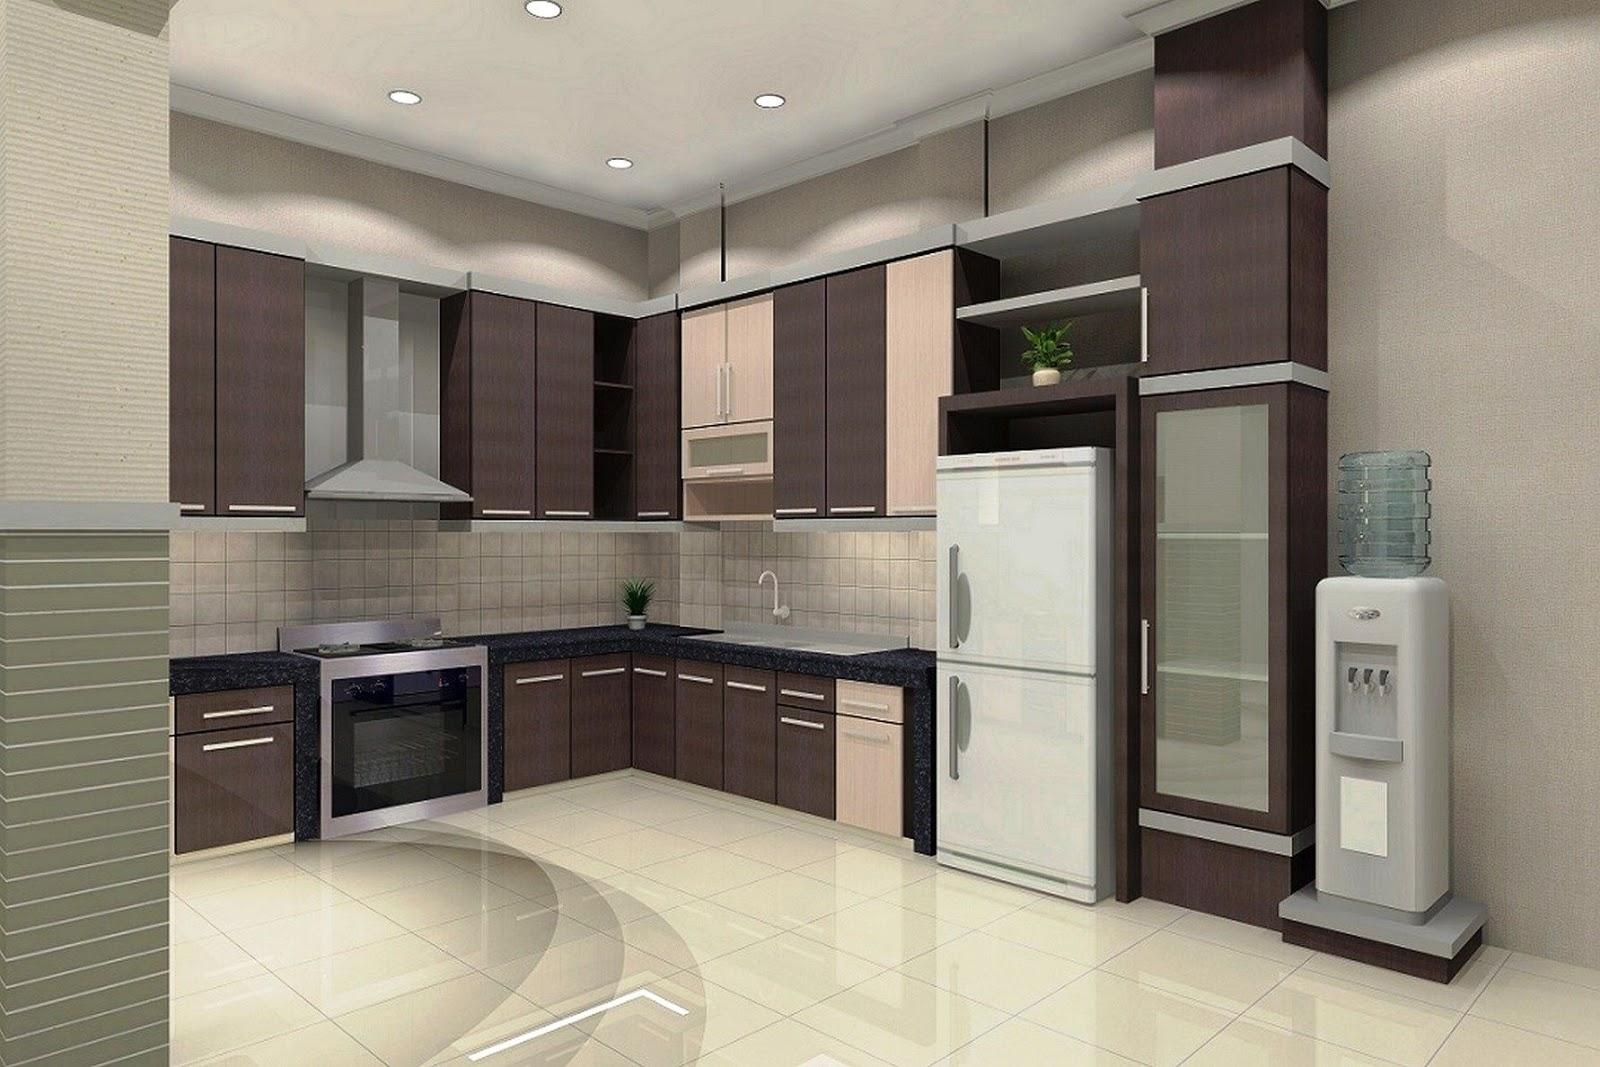 Desain Dapur Minimalis Rumah Type 45 Sederhana